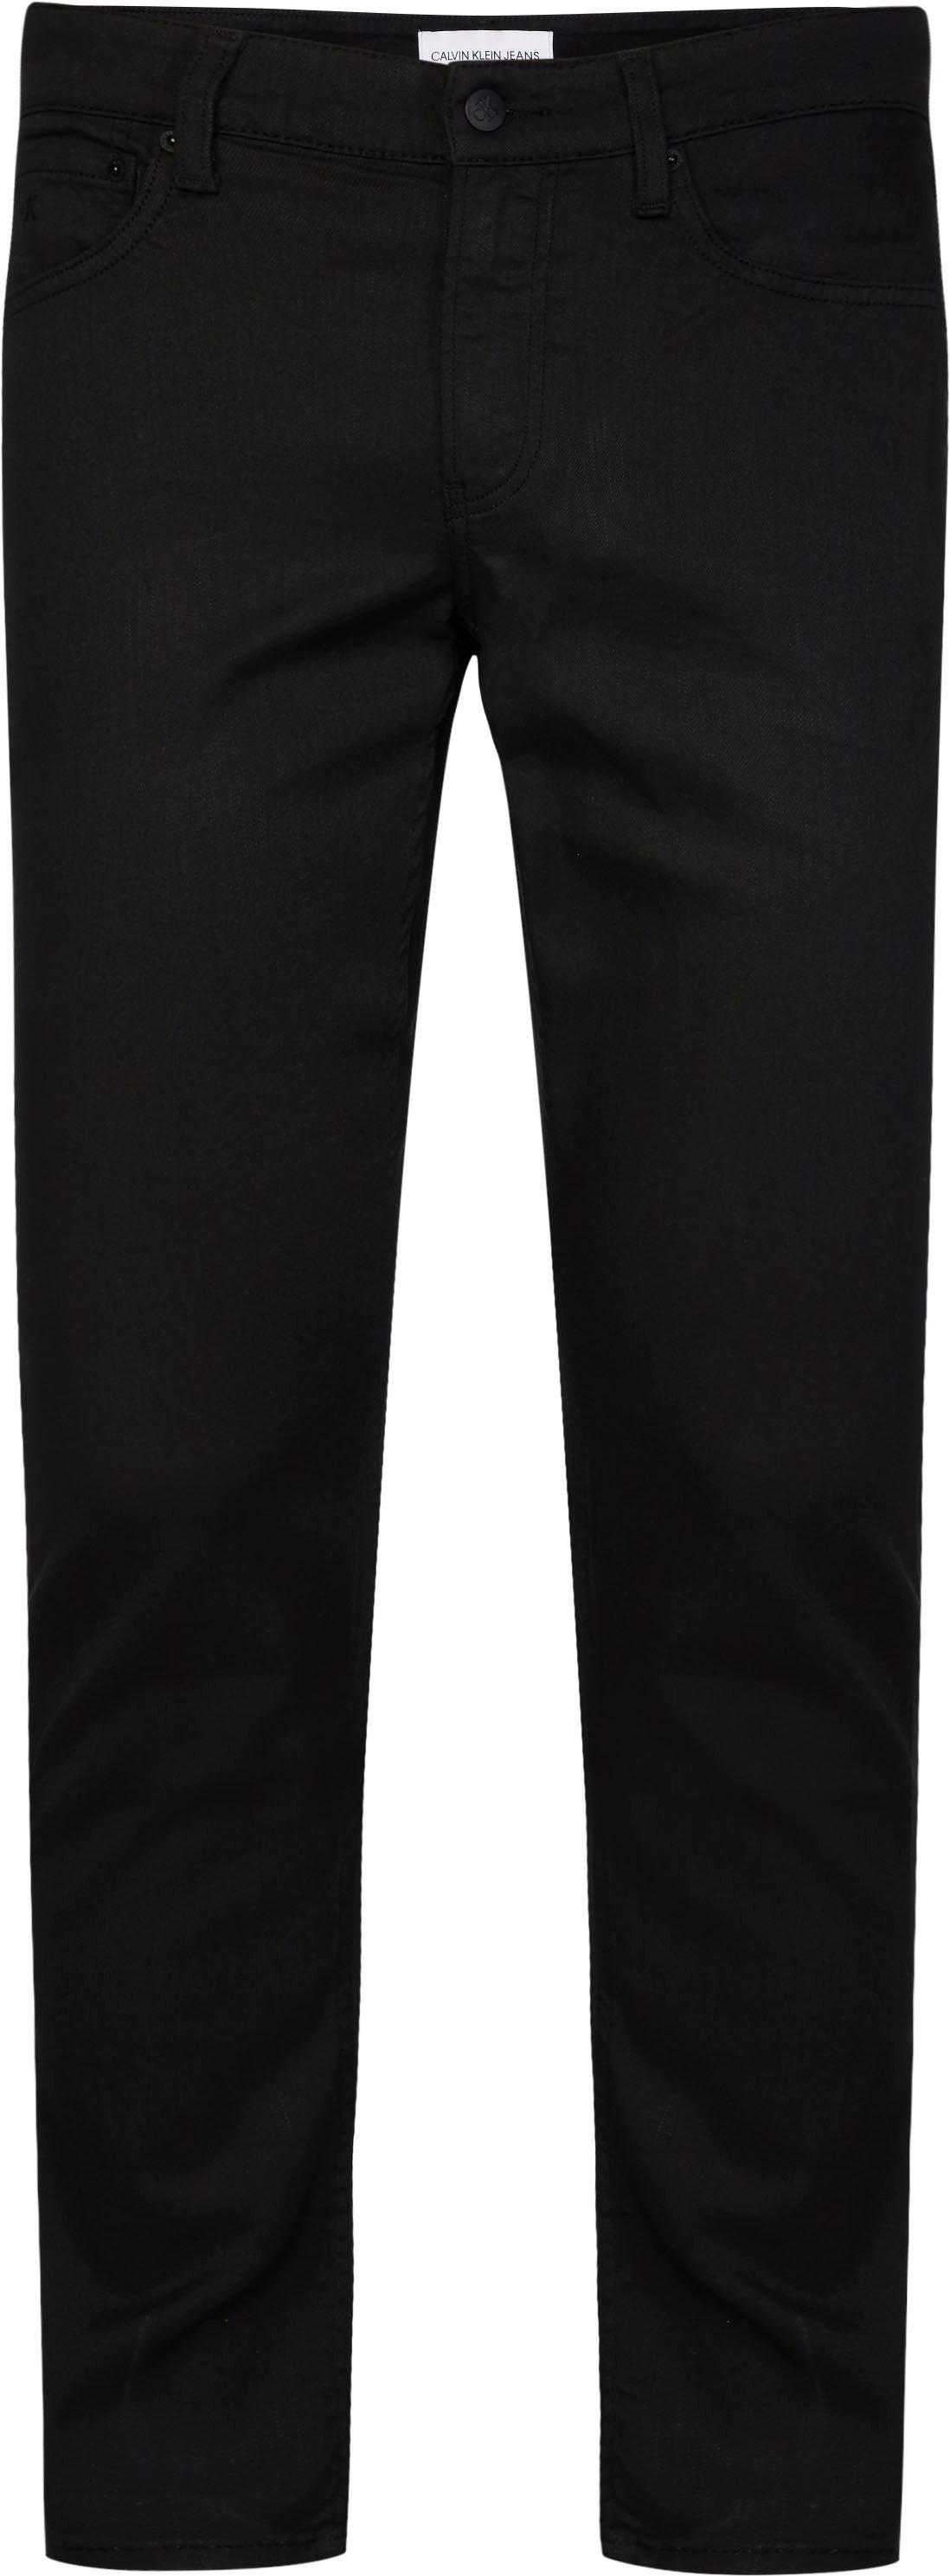 Calvin Klein slim fit jeans »CKJ 058 SLIM TAPER« goedkoop op otto.nl kopen